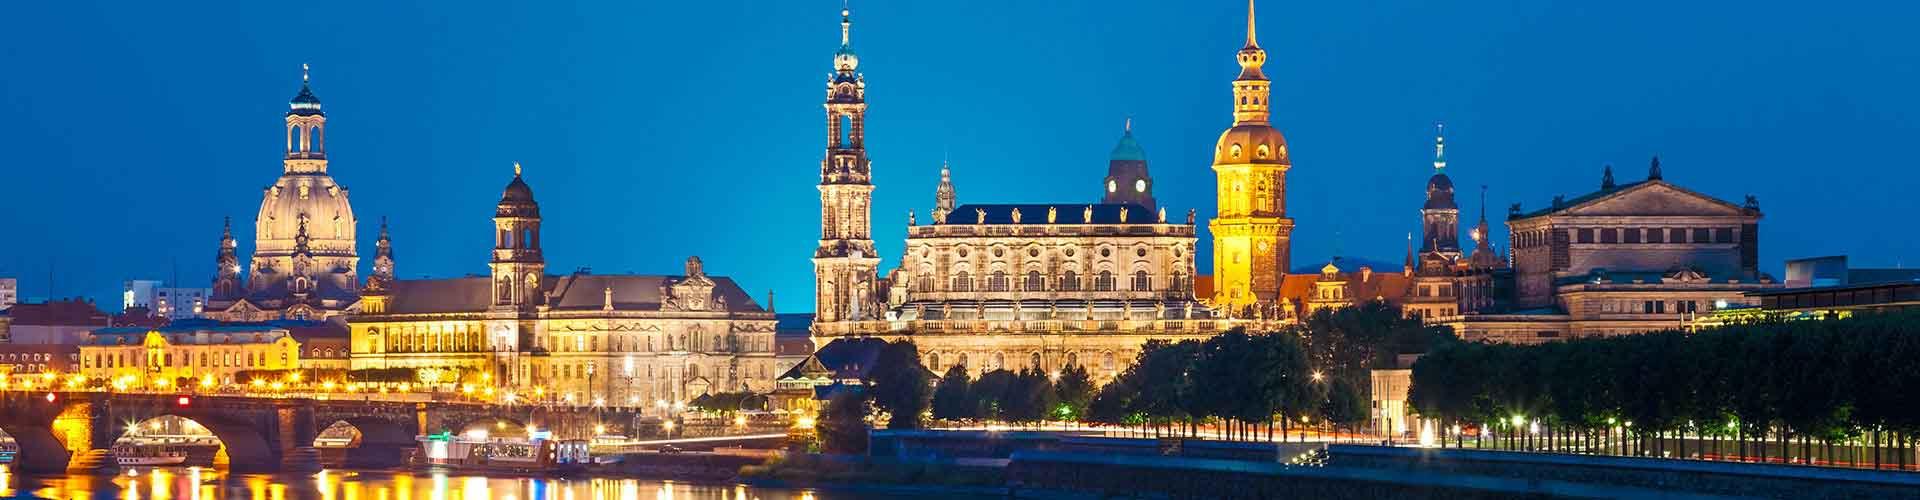 Dresda - Albergues em Dresda. Mapas para Dresda, Fotos e Avaliações para cada Albergue em Dresda.